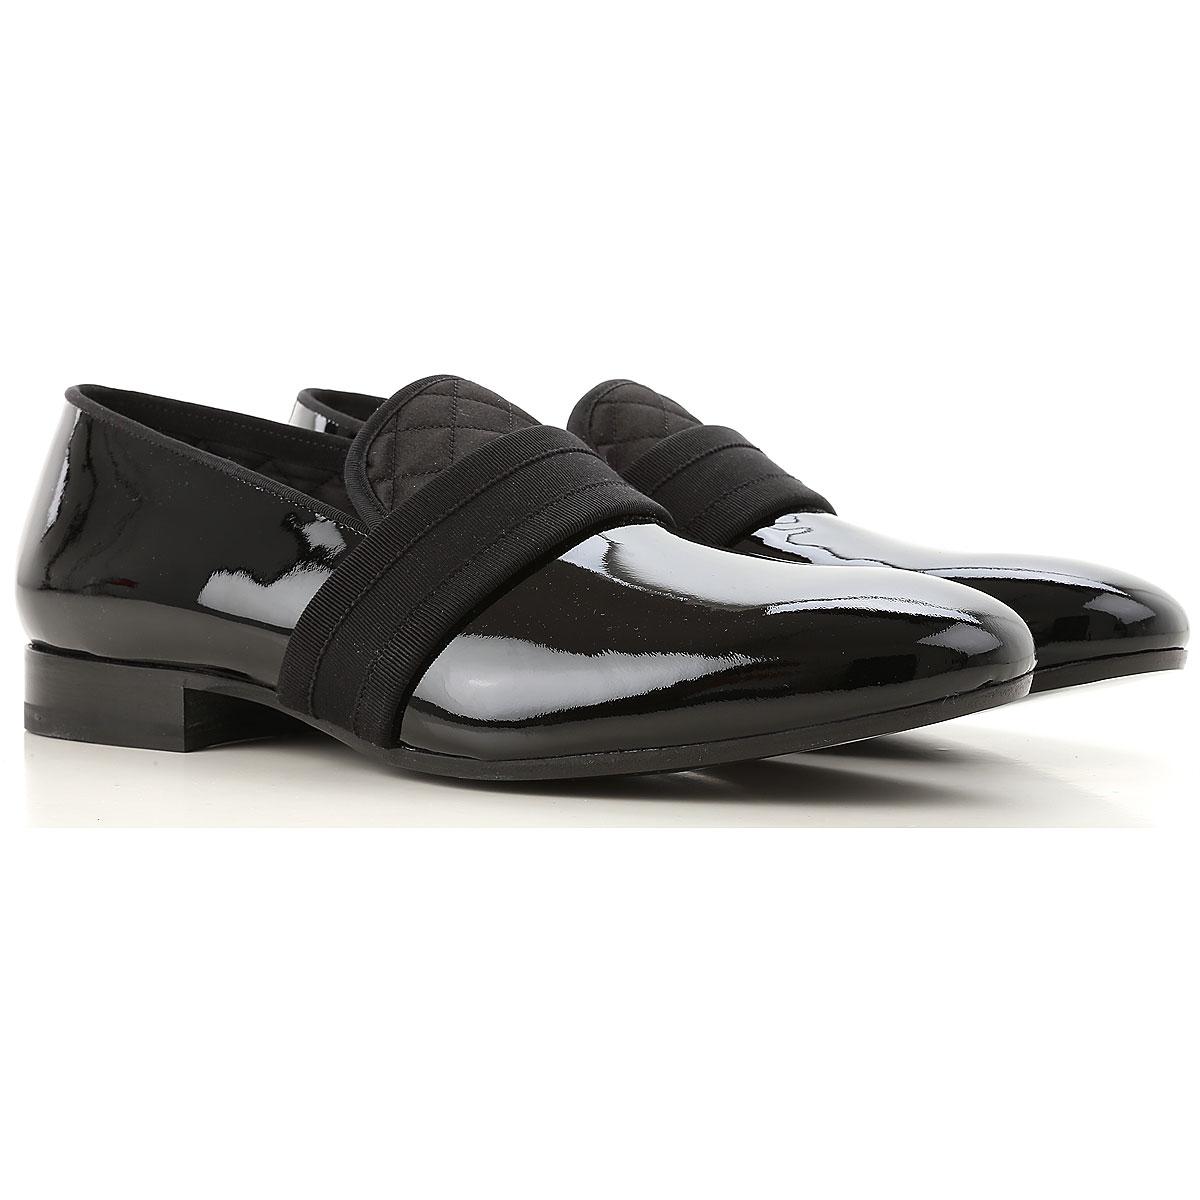 Image of Alexander McQueen Loafers for Men, Black, Eco Patent Leather, 2017, EUR 40 - US 7 - UK 6 EUR 43 - US 10 - UK 9 EUR 44 - US 11 - UK 10 EUR 45 - US 12 - UK 11